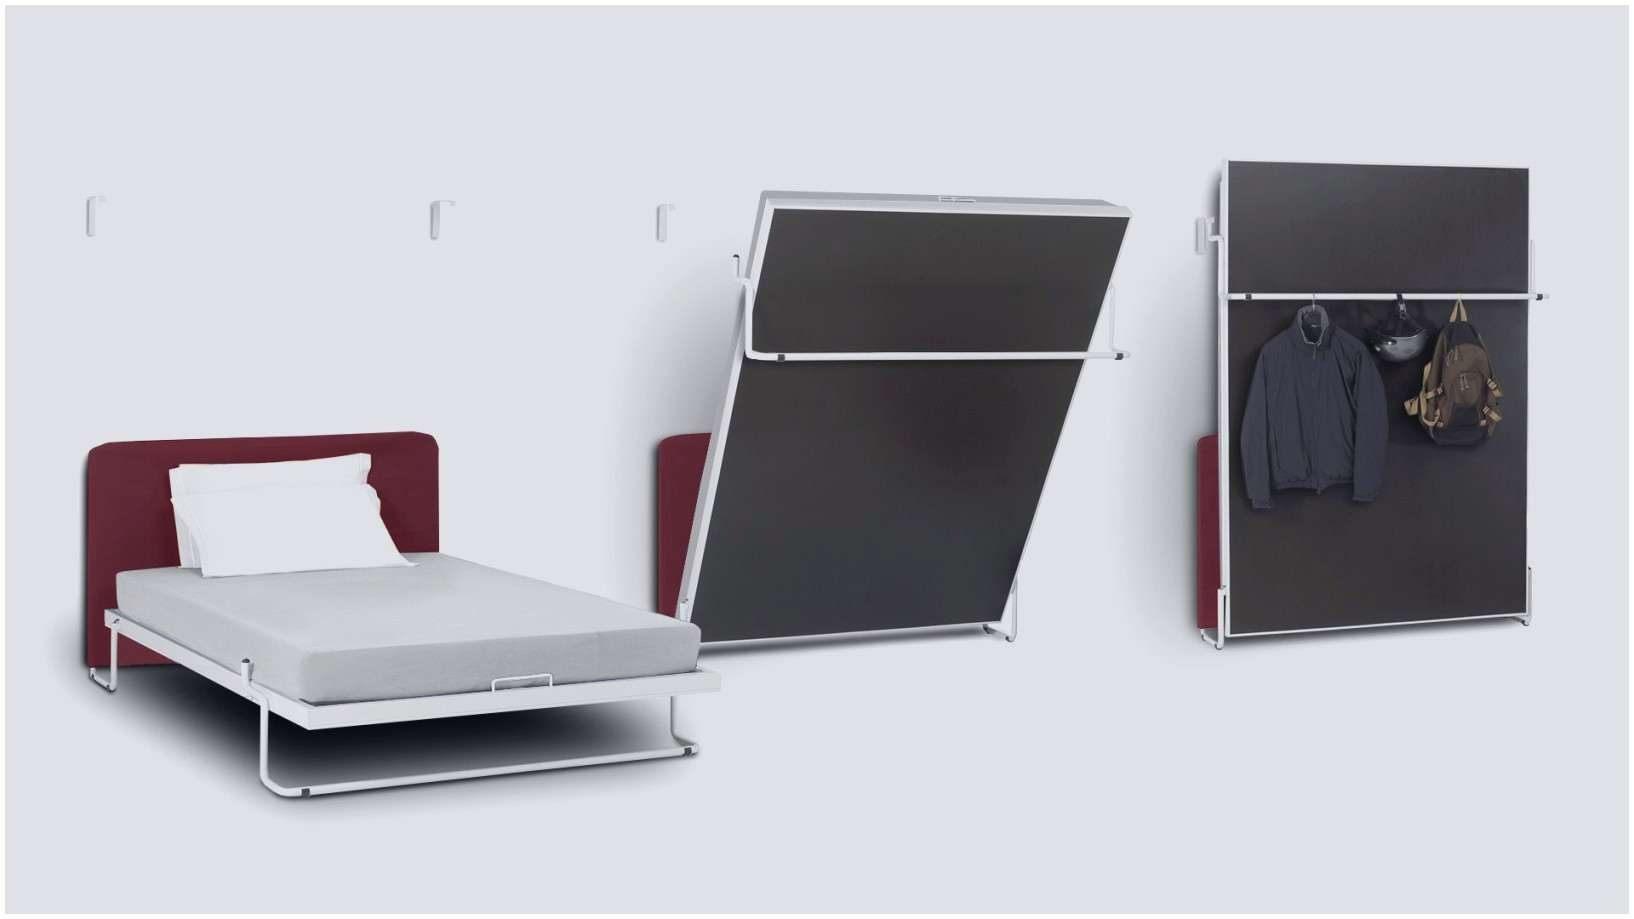 Lit Rabattable Ikea Génial Beau 17 Génial Lit Double Mezzanine Ikea Adana Estepona Pour